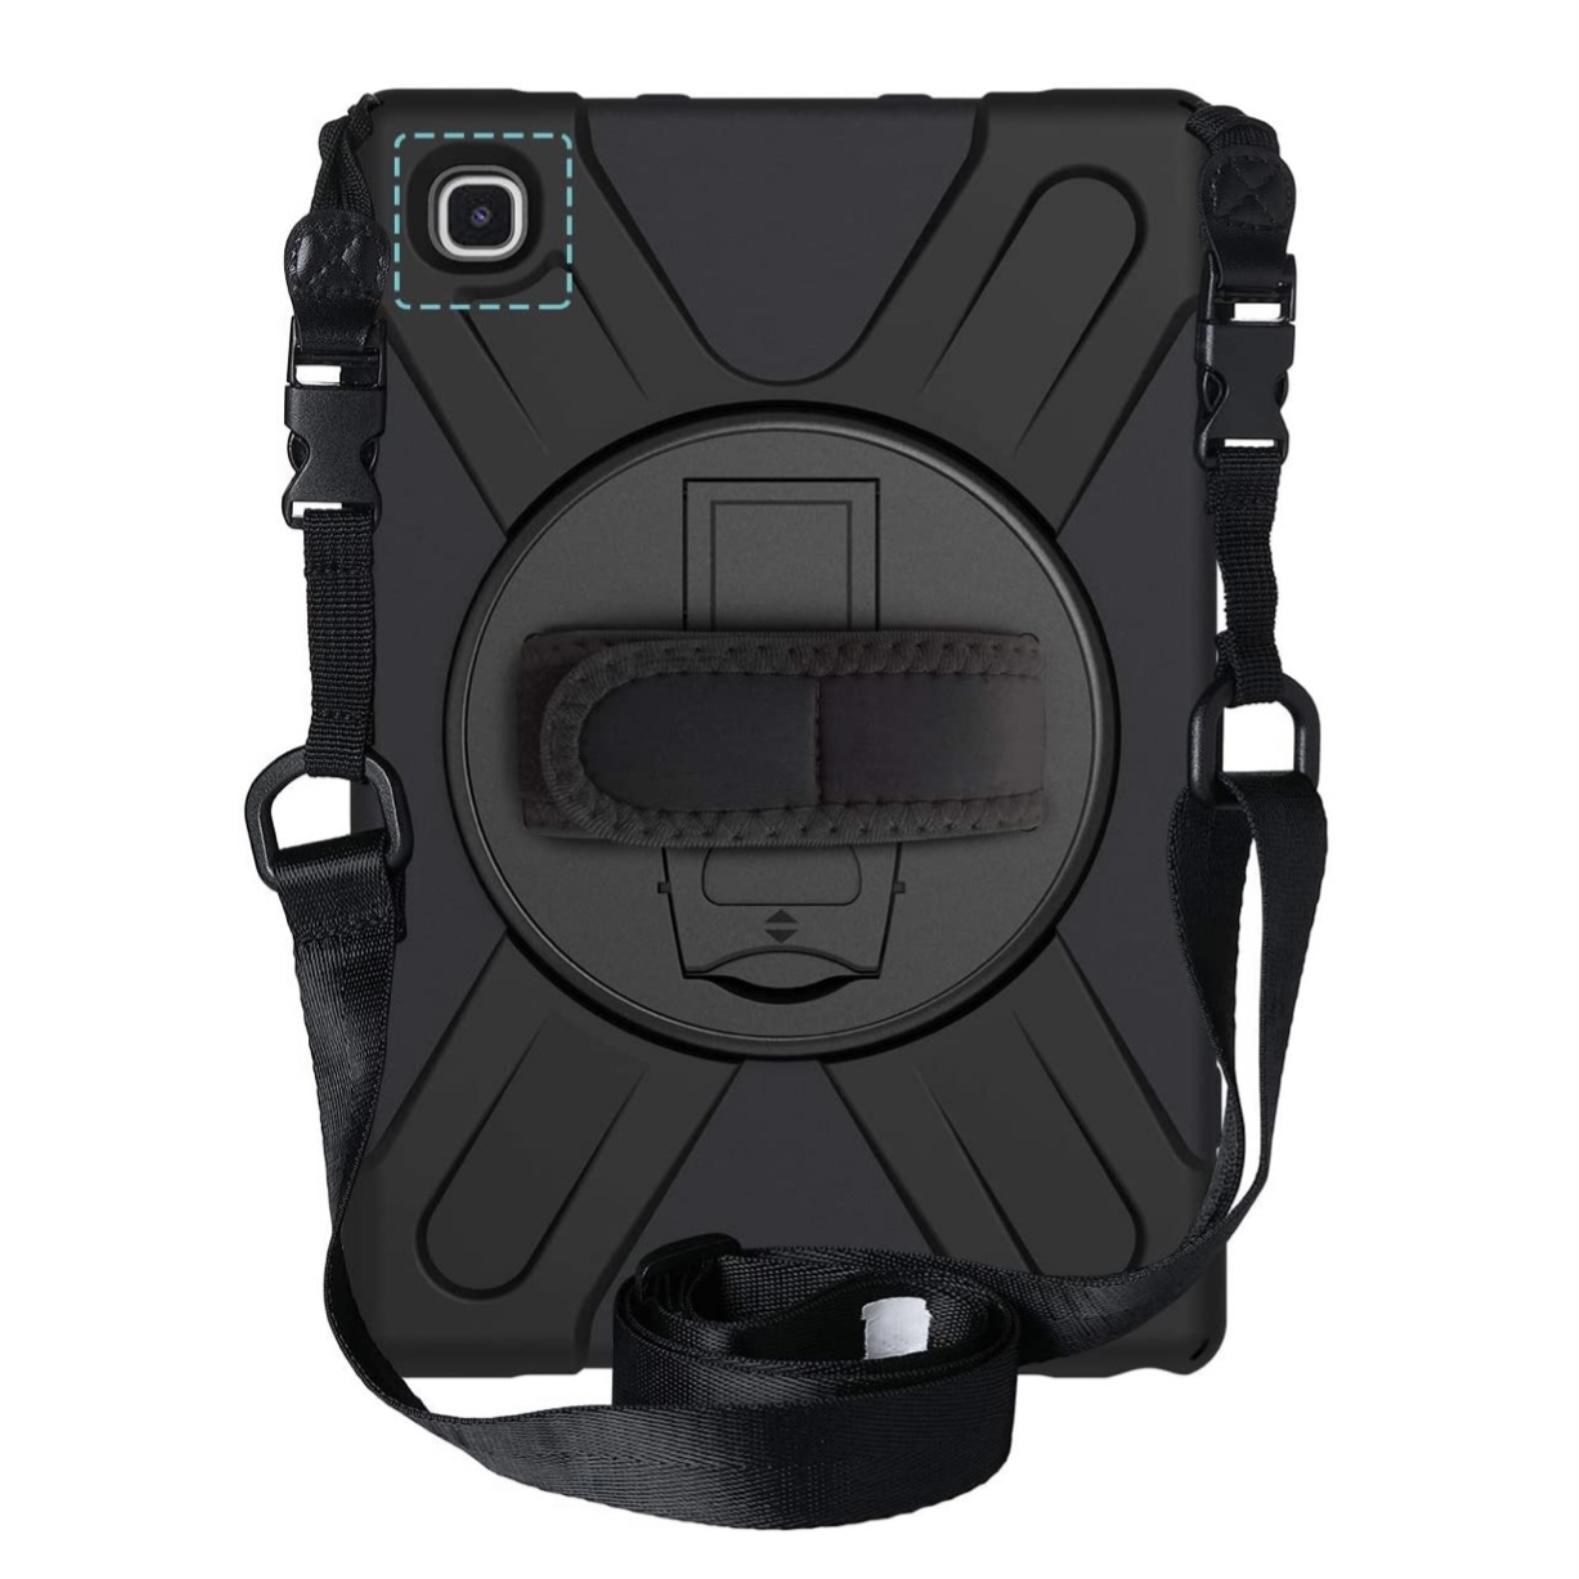 Vancouver Galaxy TAB A7 10.4 pouces Coque renforcee Dragonne main et Sangle epaule